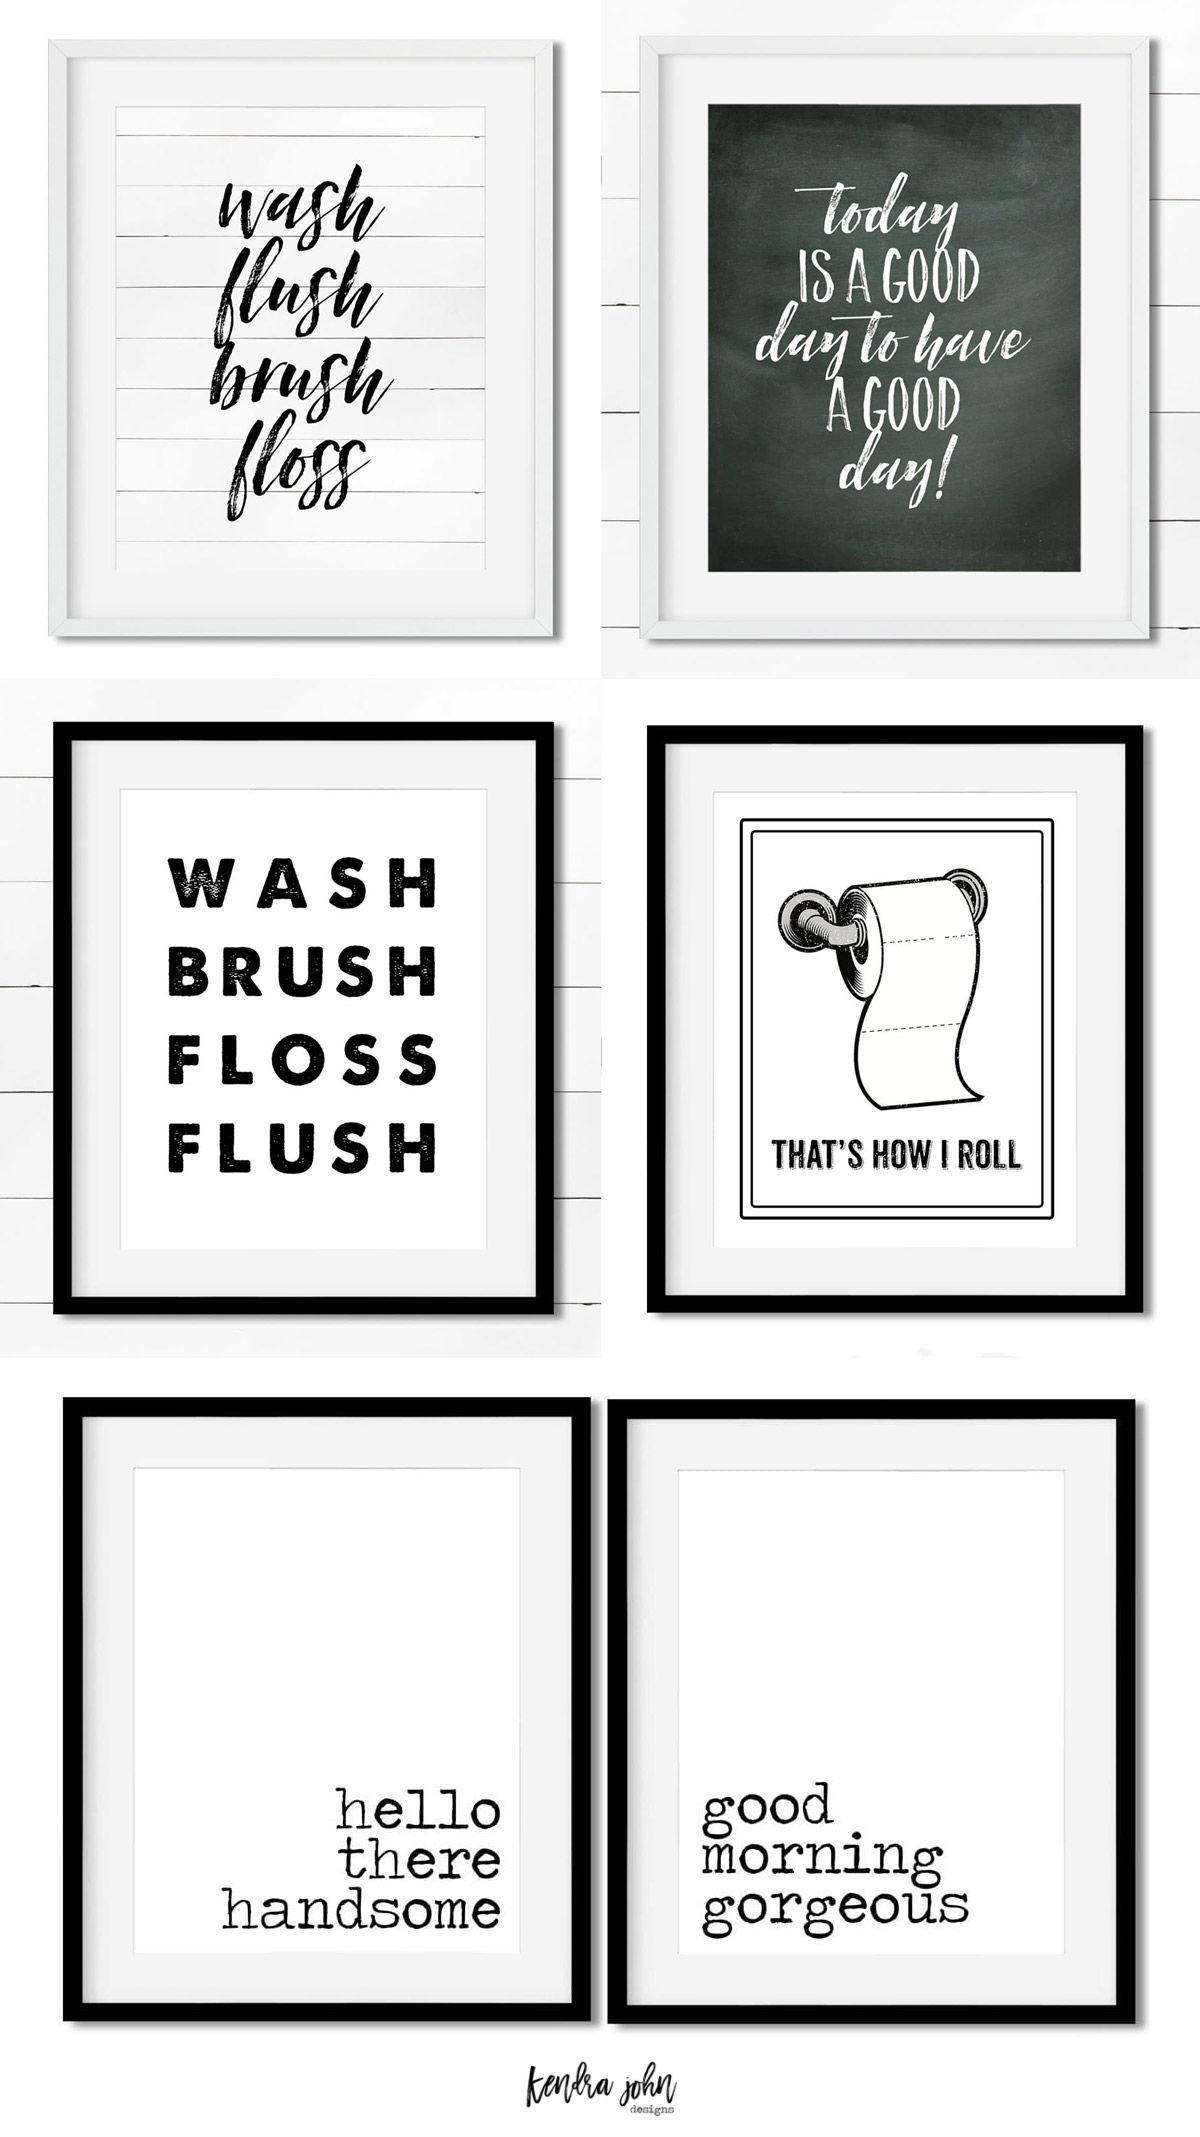 10 Free Black And White Bathroom Printables Kendra John Designs Bathroom Printables Bathroom Printables Free Bathroom Wall Art